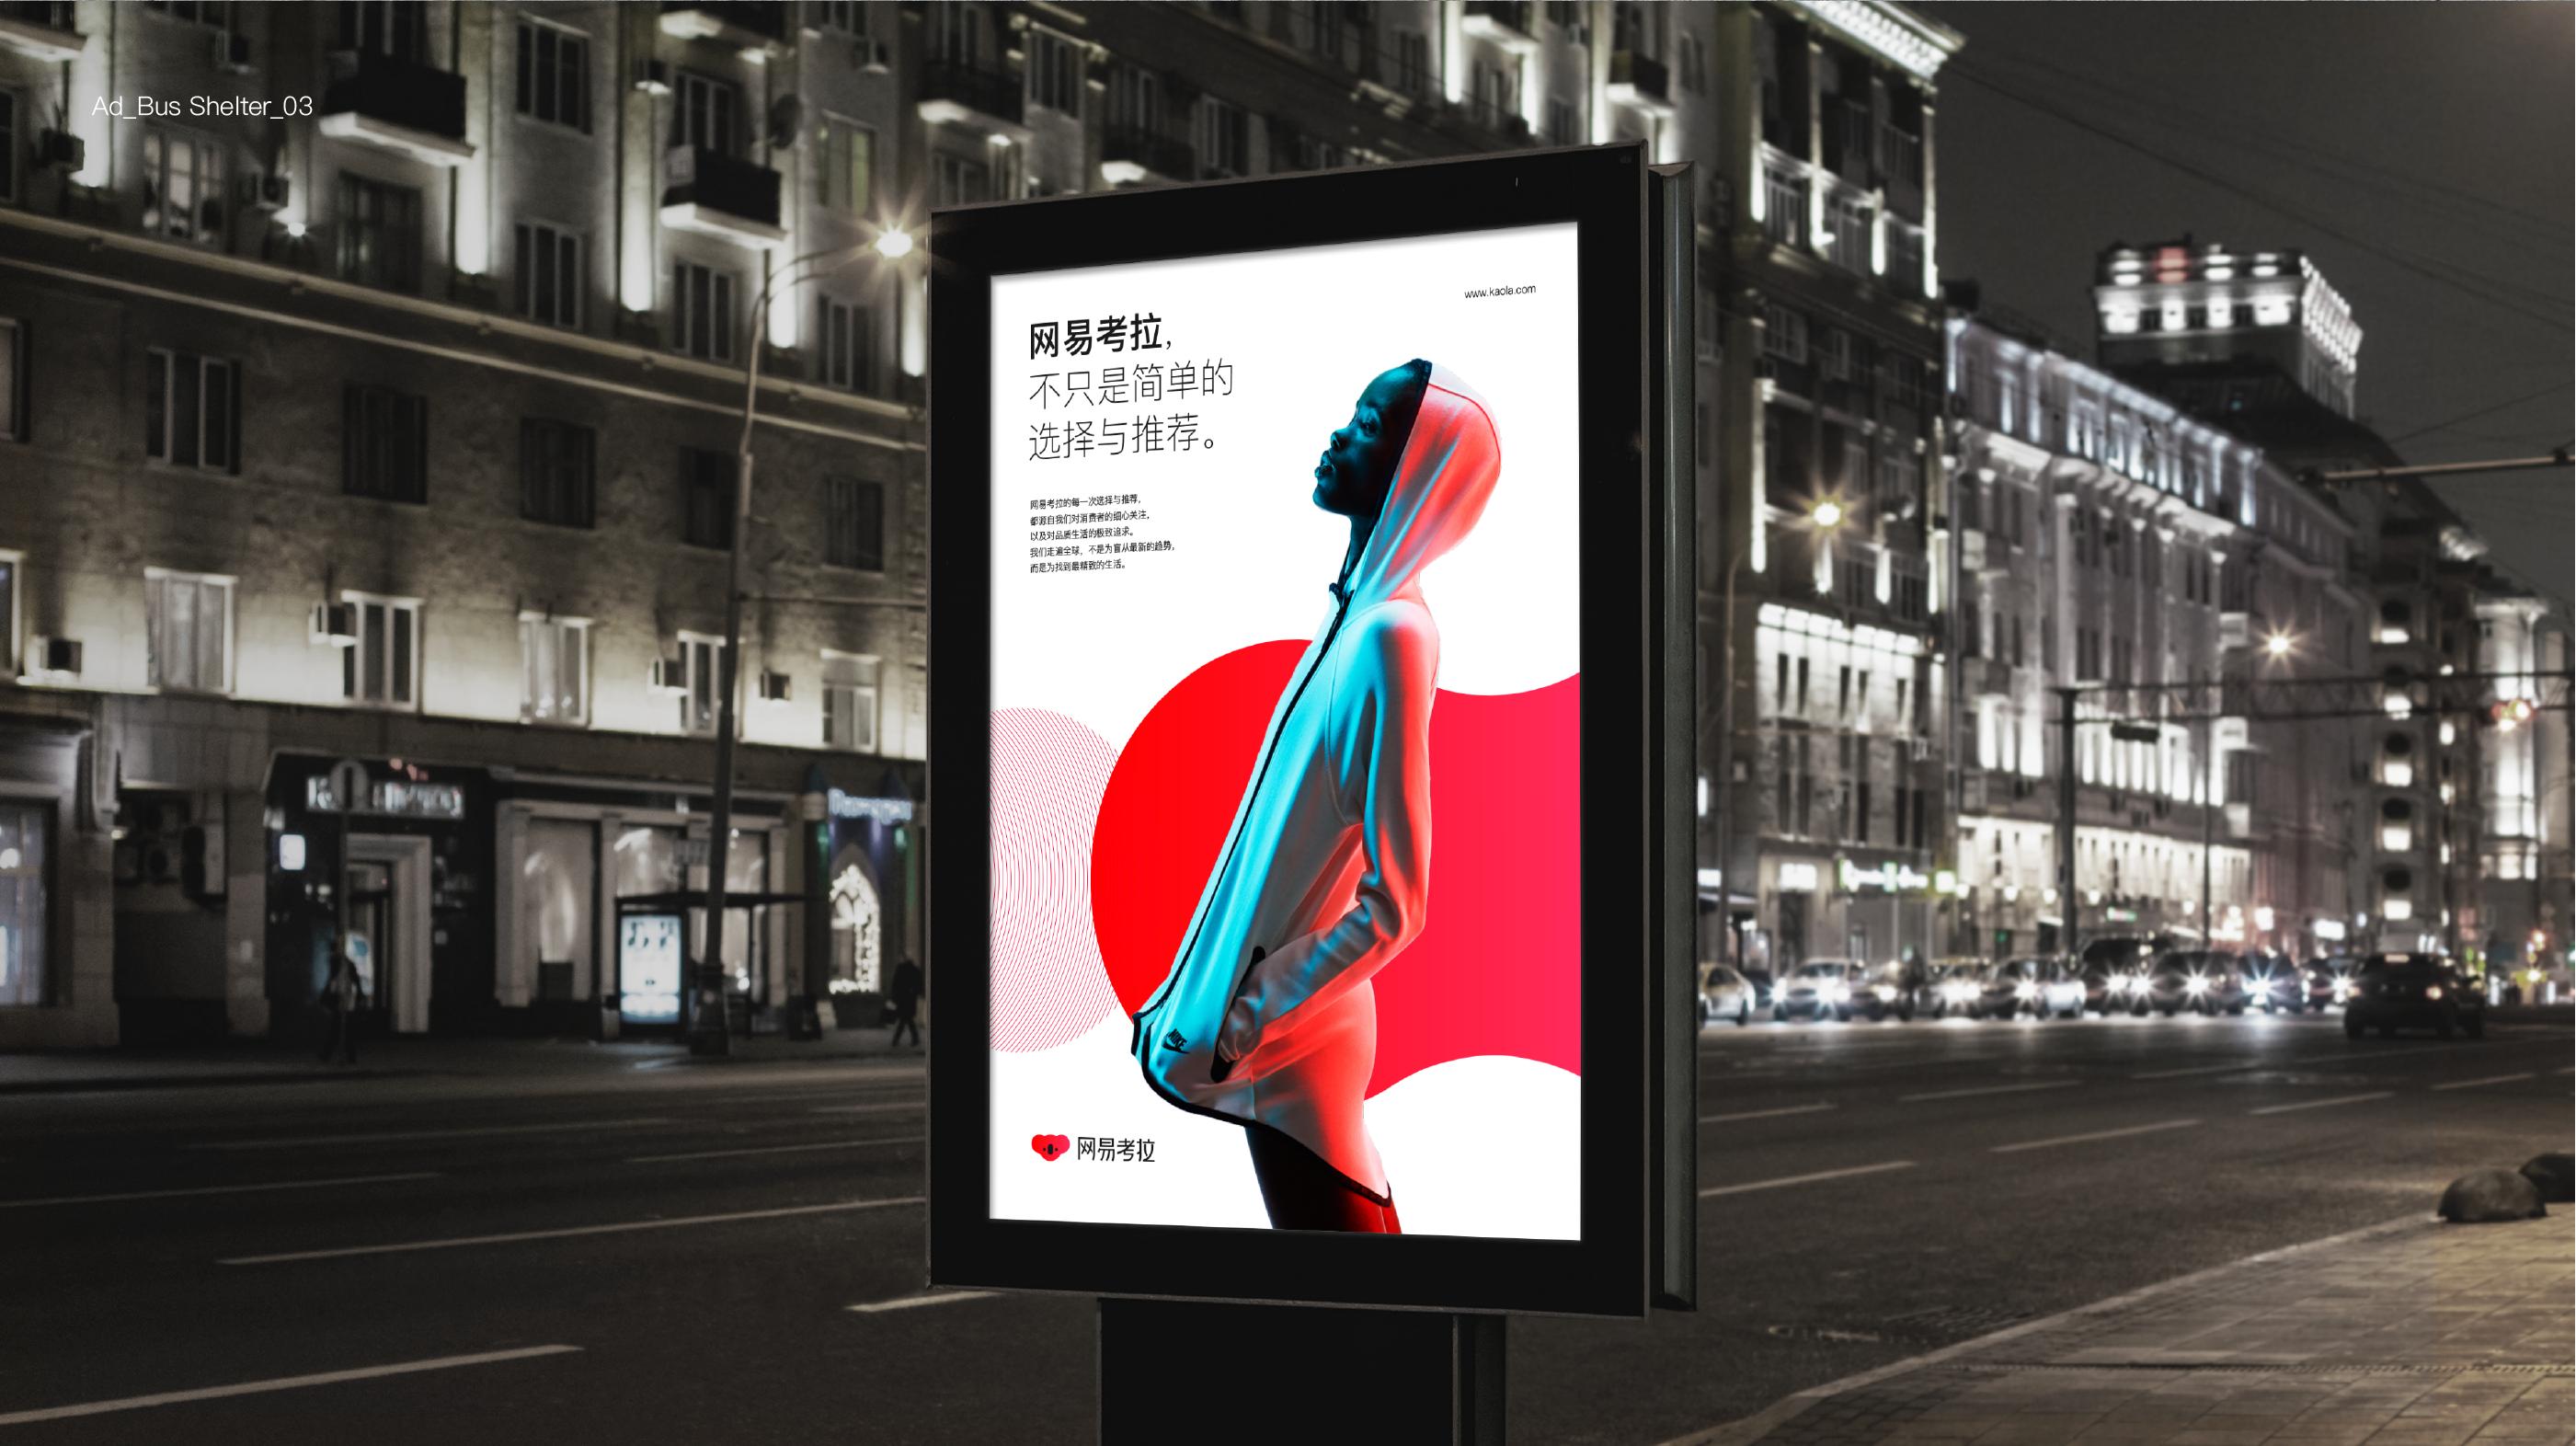 国际资讯_网易考拉品牌体验设计 - 视觉同盟(VisionUnion.com)